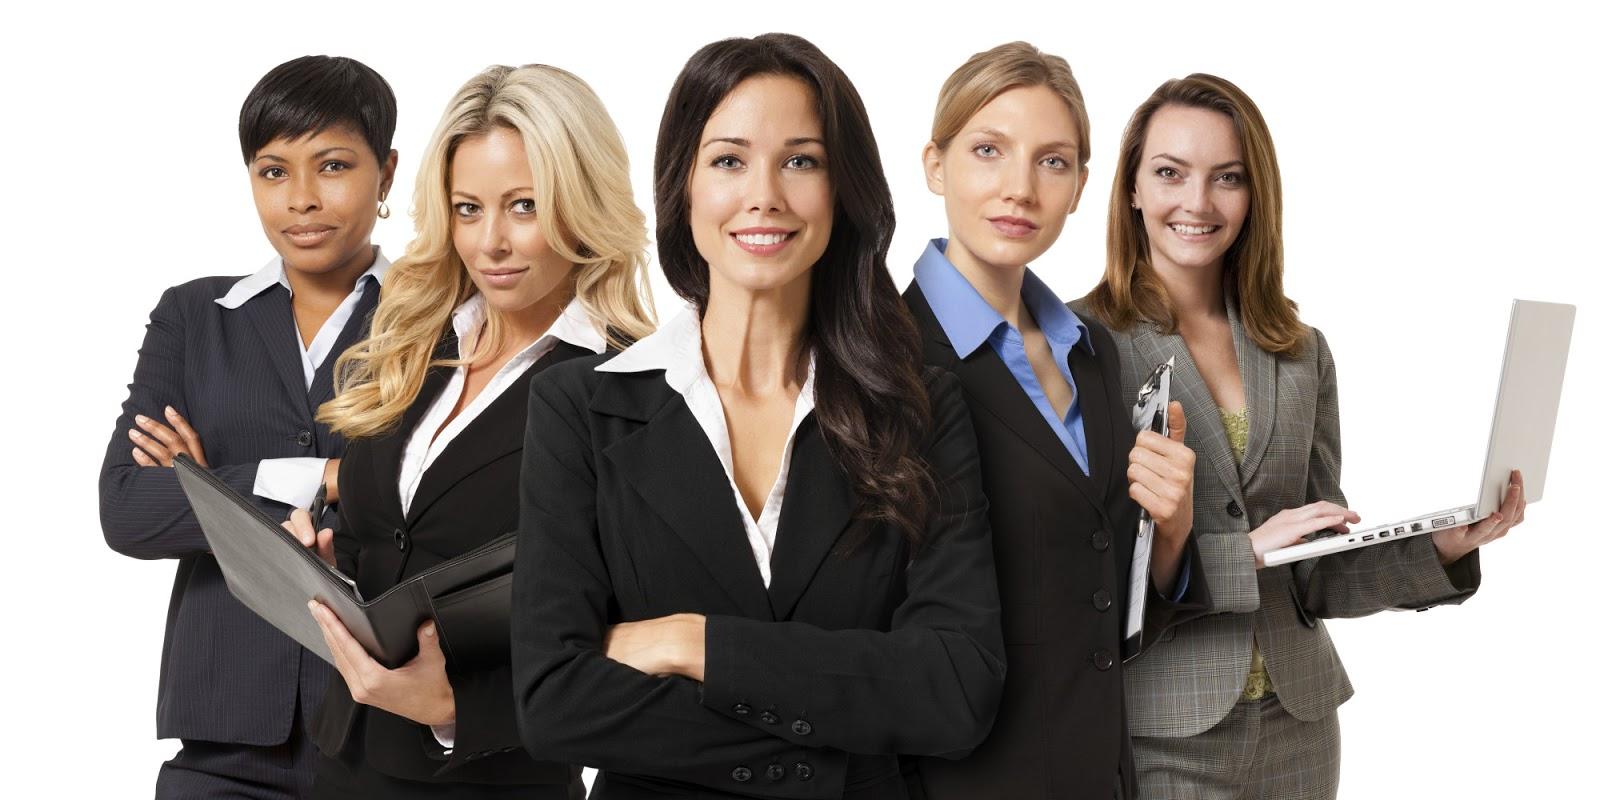 صورة المراة في المجتمع , دور المراة فى المجتمع 1123 1